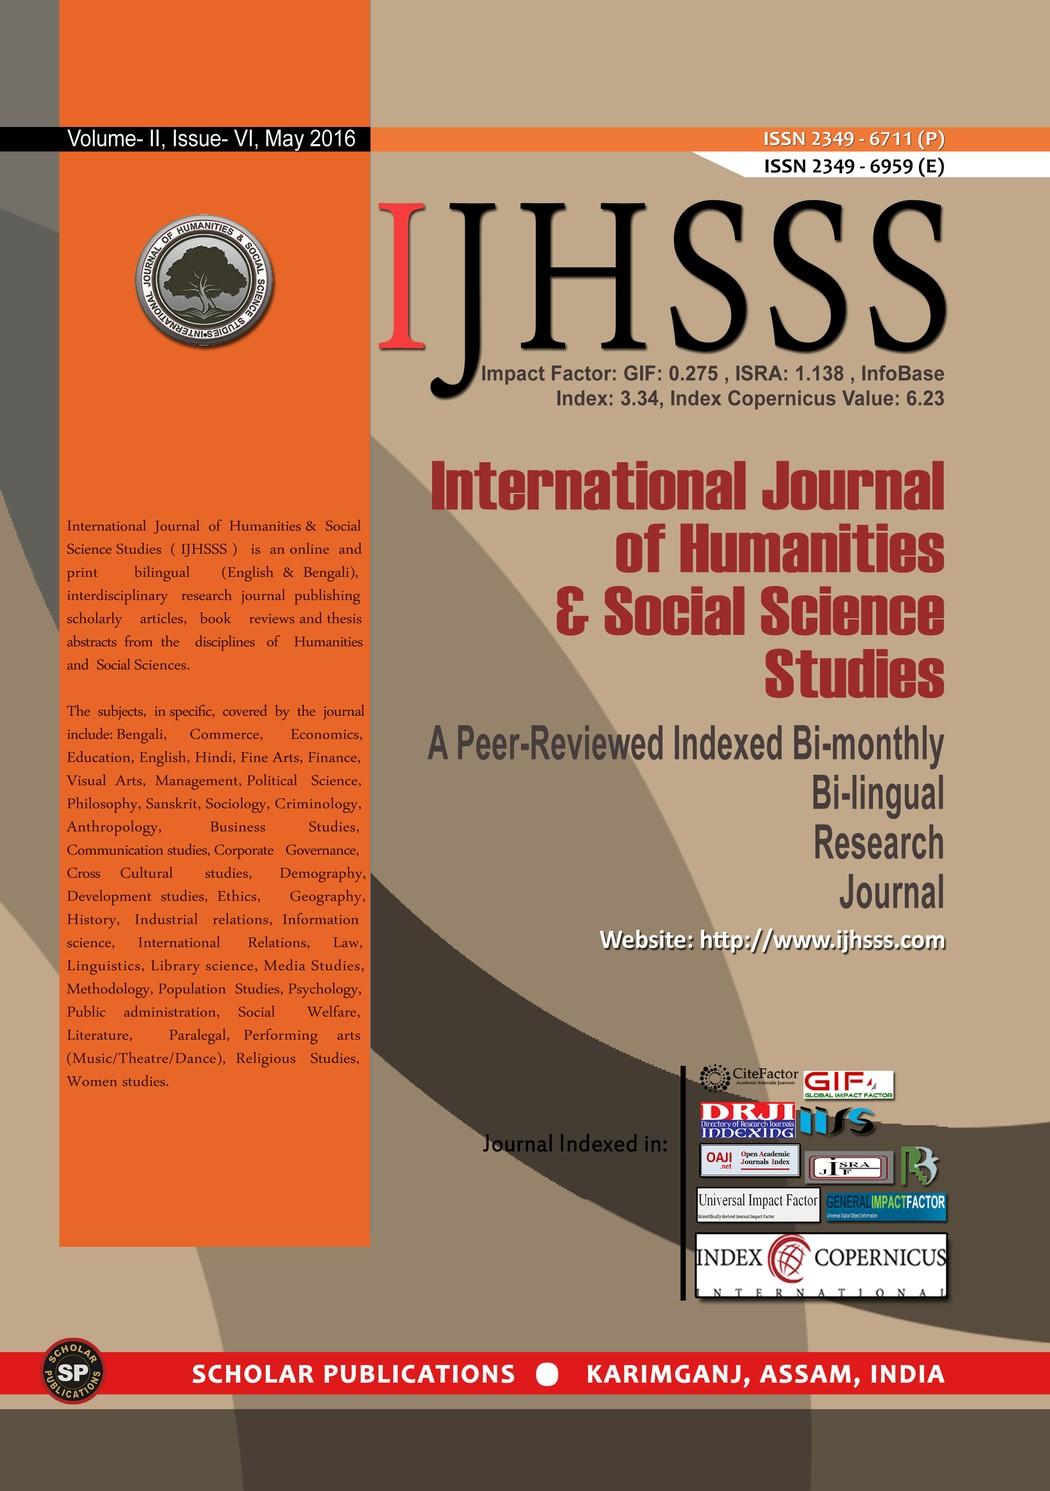 International Journal of Humanities & Social Science Studies